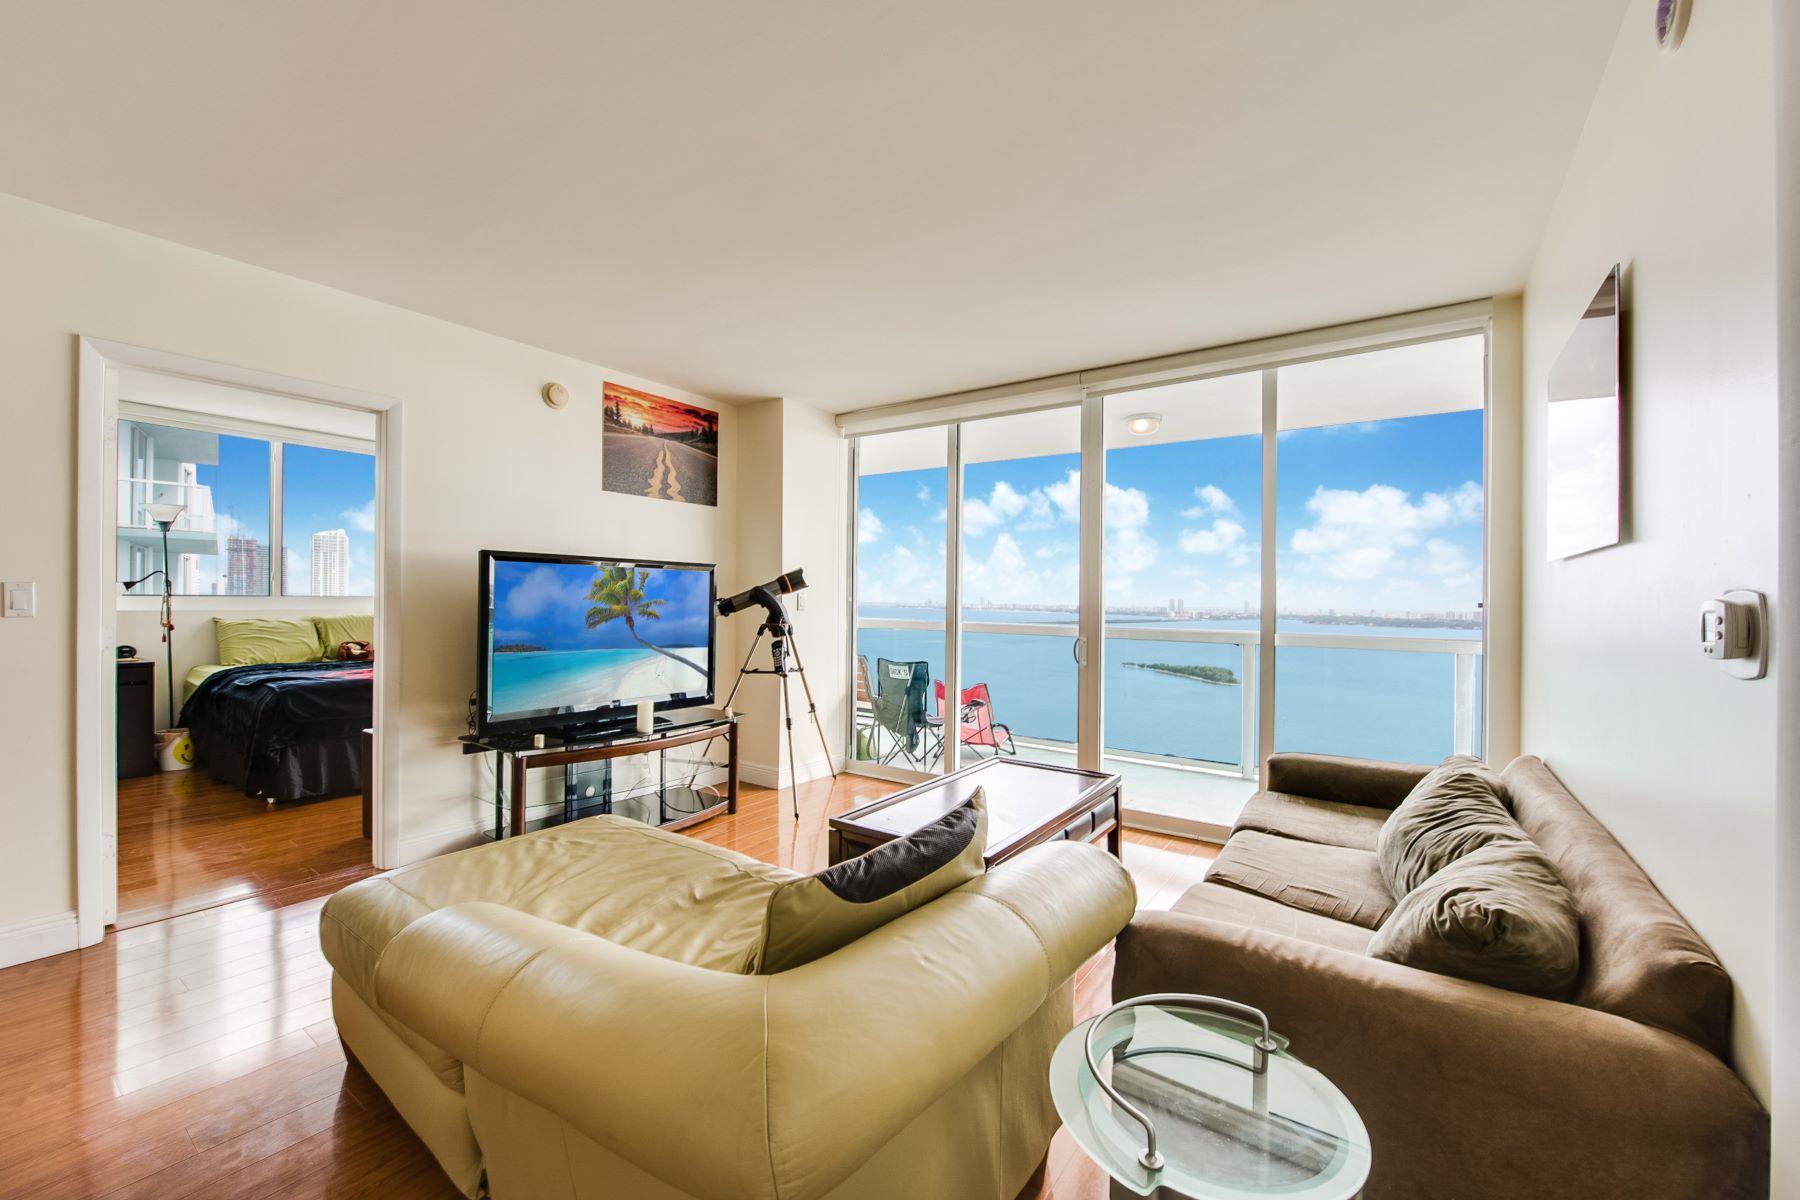 Condominium for Sale at 1800 N Bayshore Dr 1800 N Bayshore Dr 3509, Miami, Florida, 33132 United States